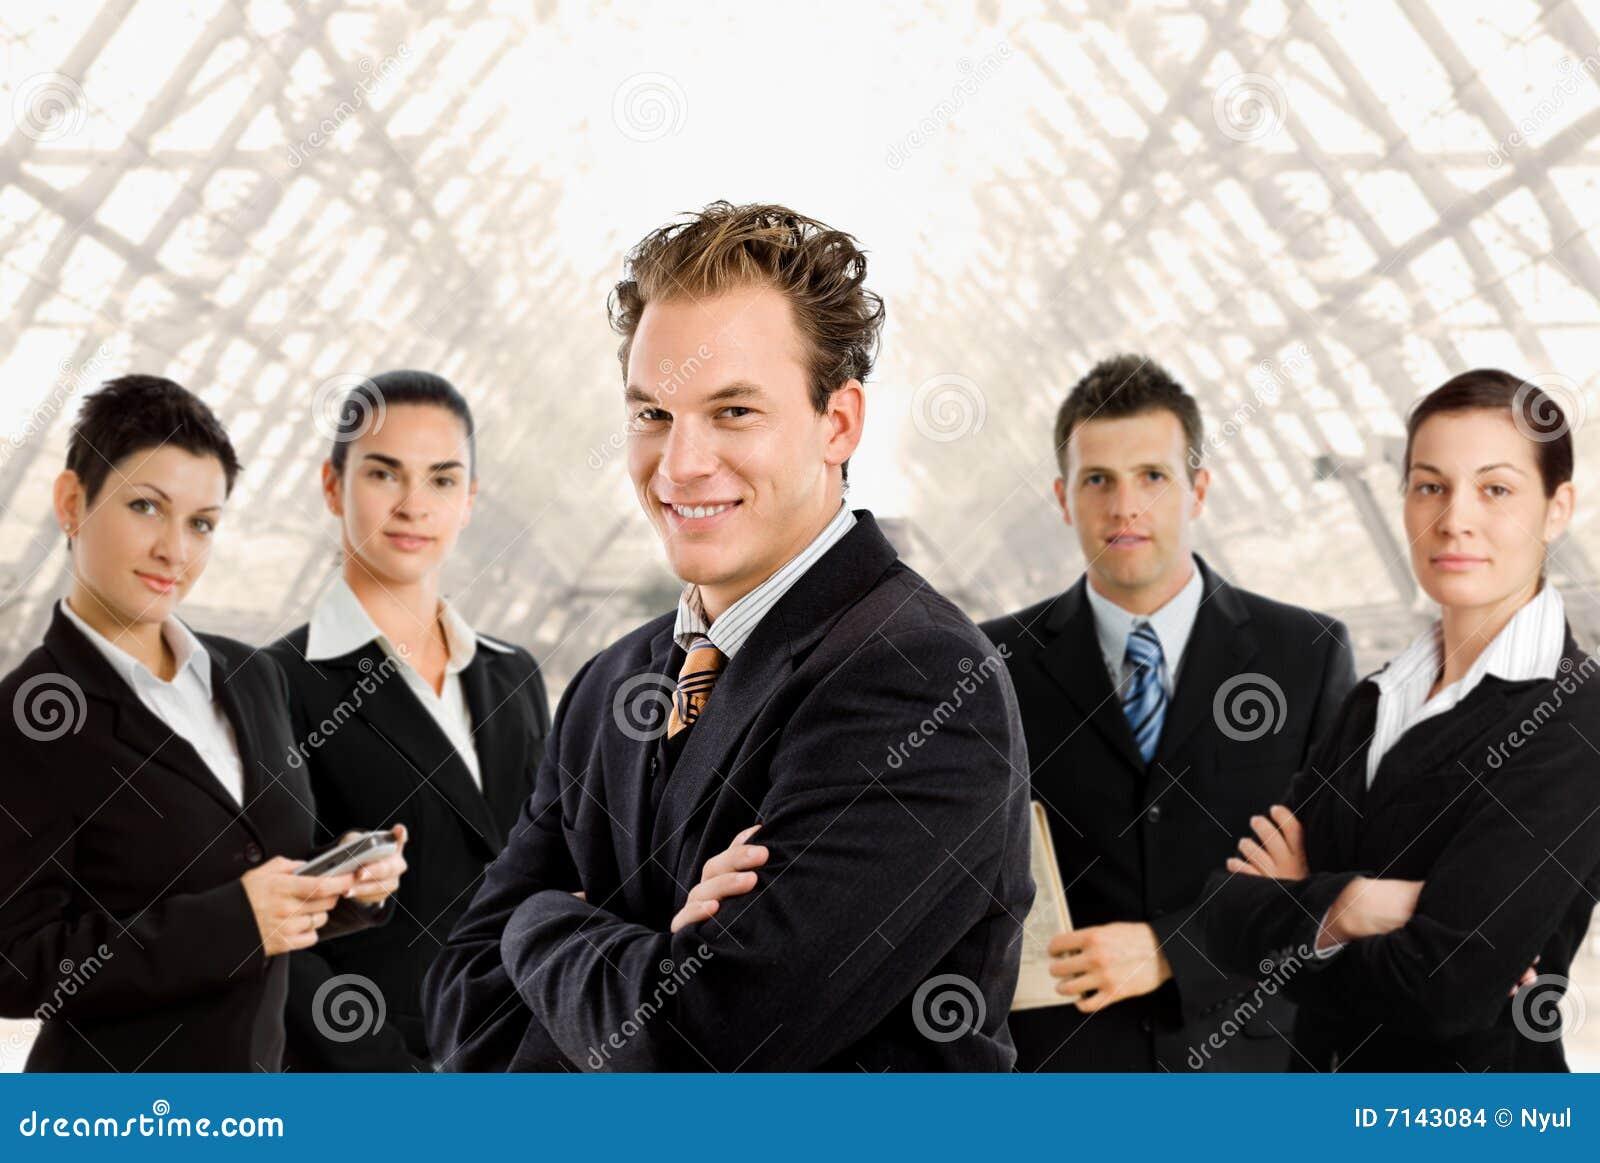 Personas de hombres de negocios